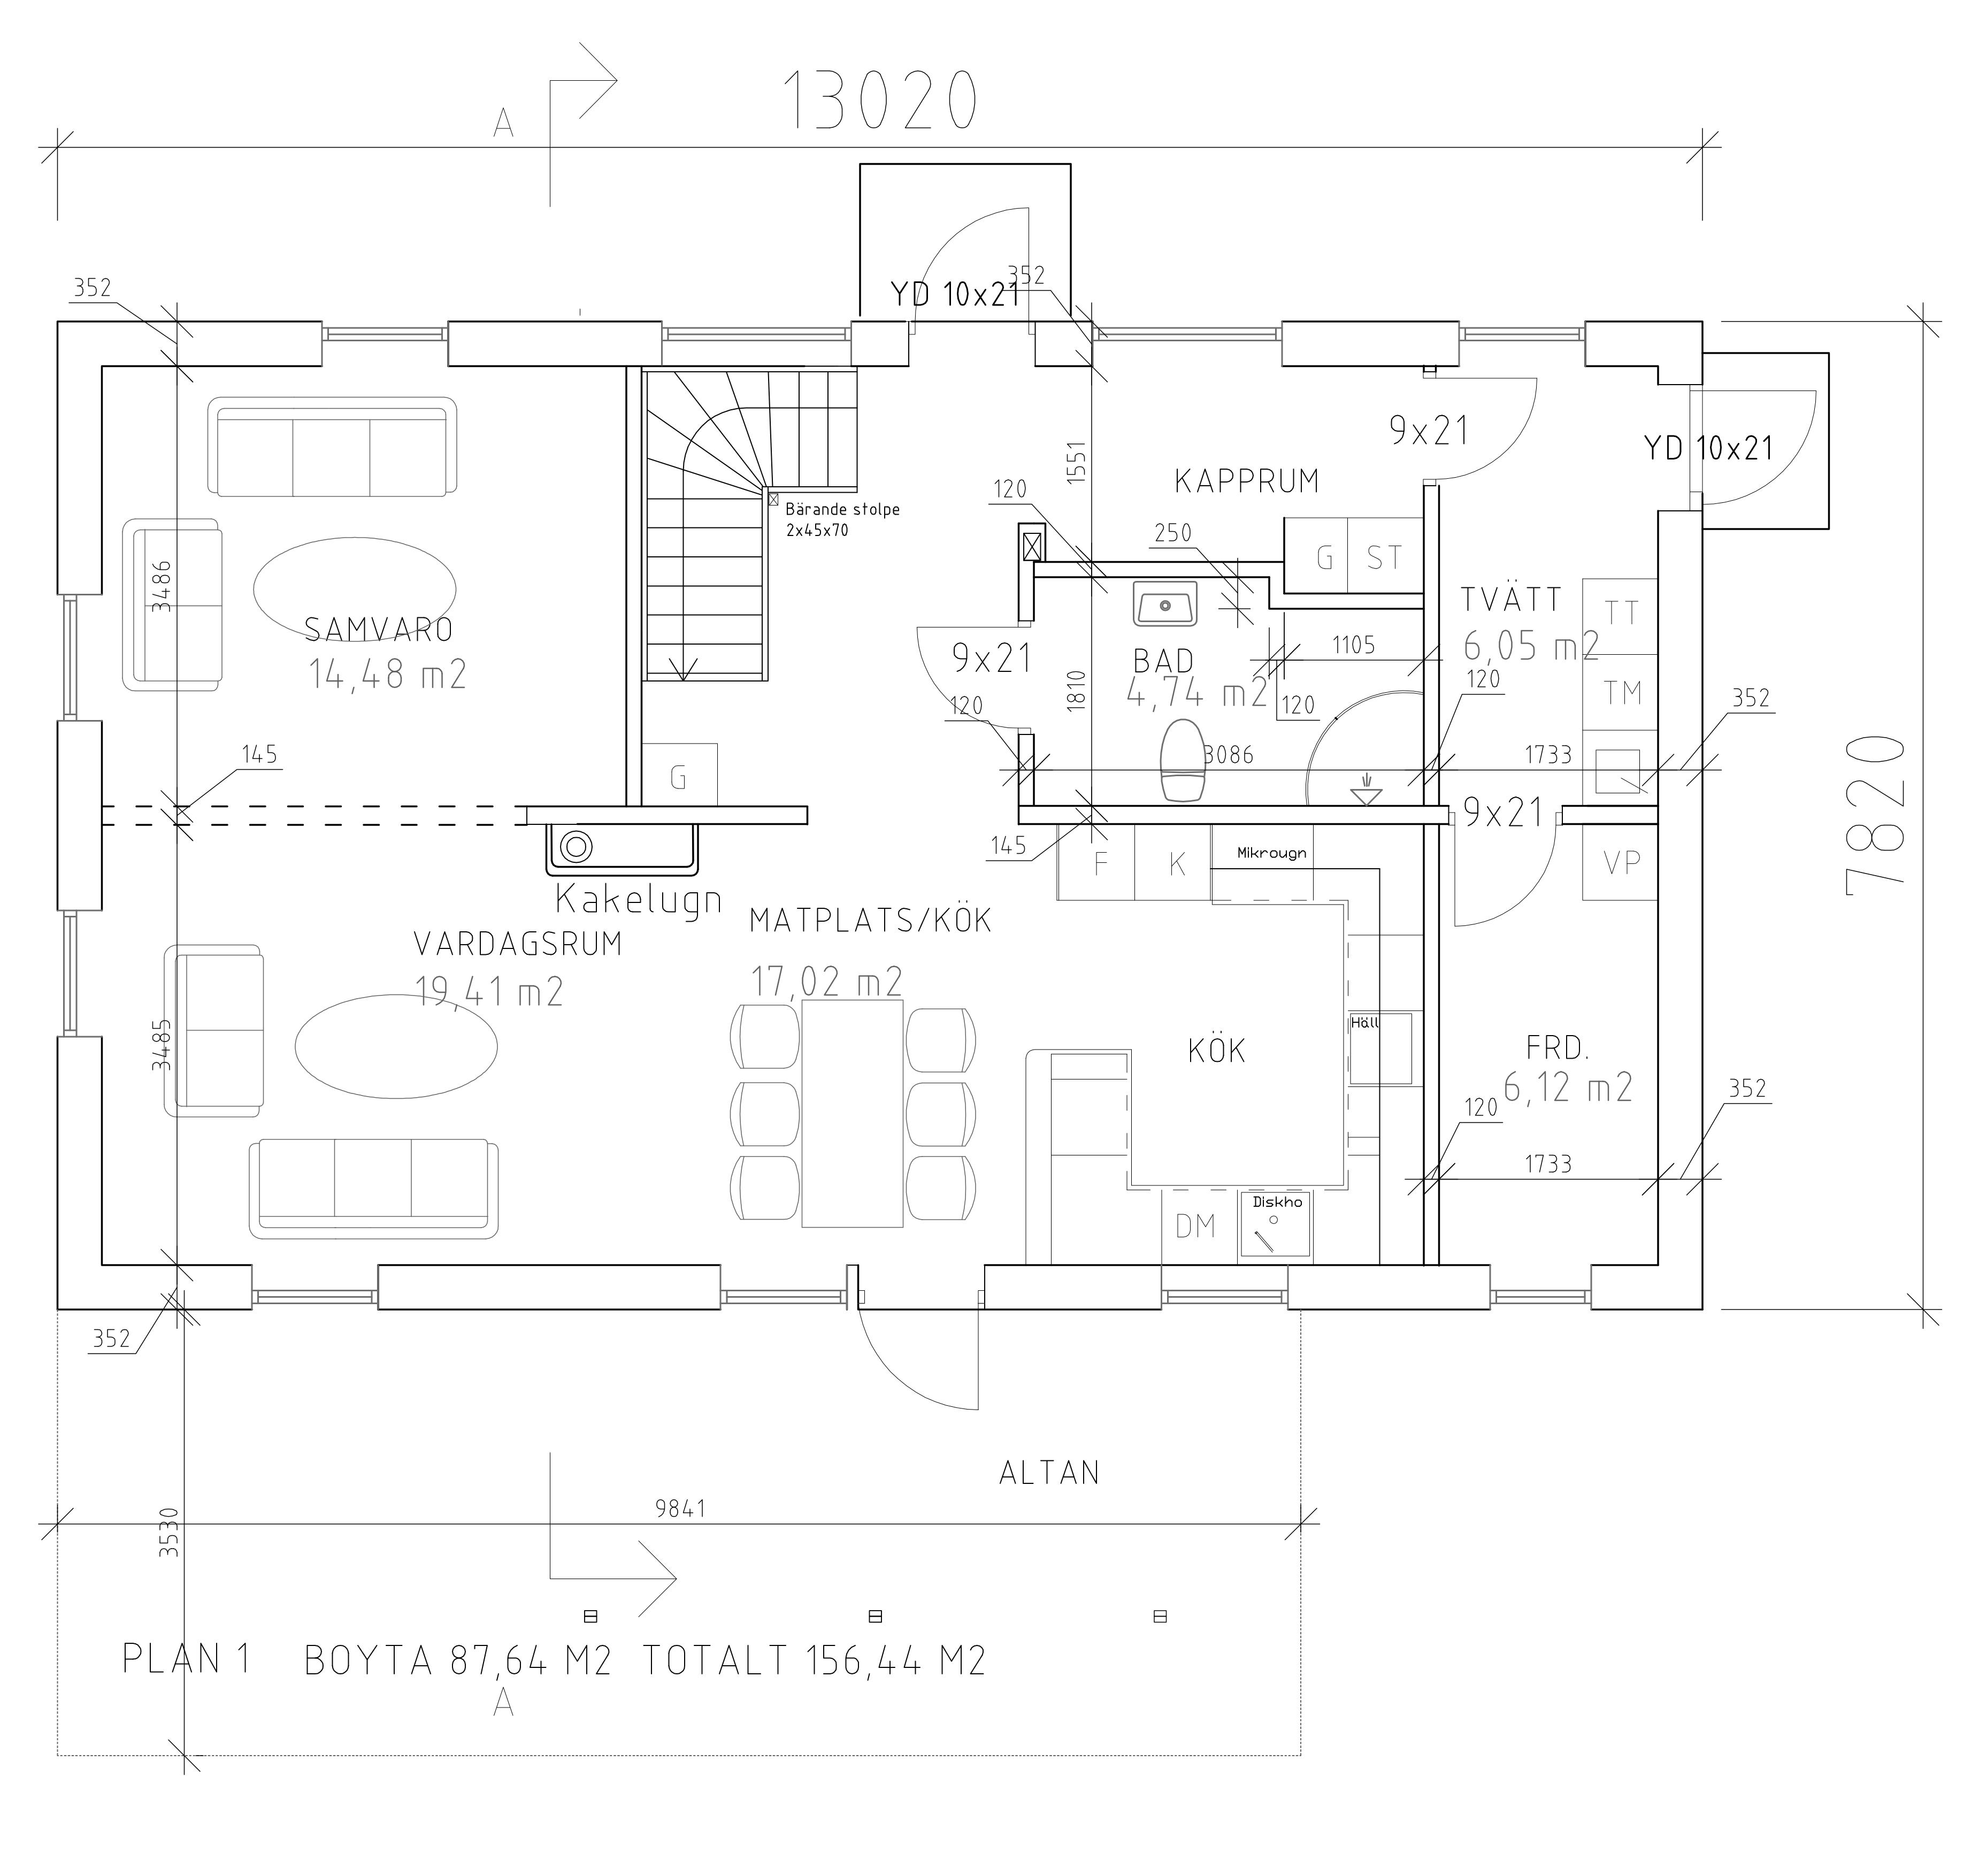 Håkanson Bygg Fridkulla våning 1